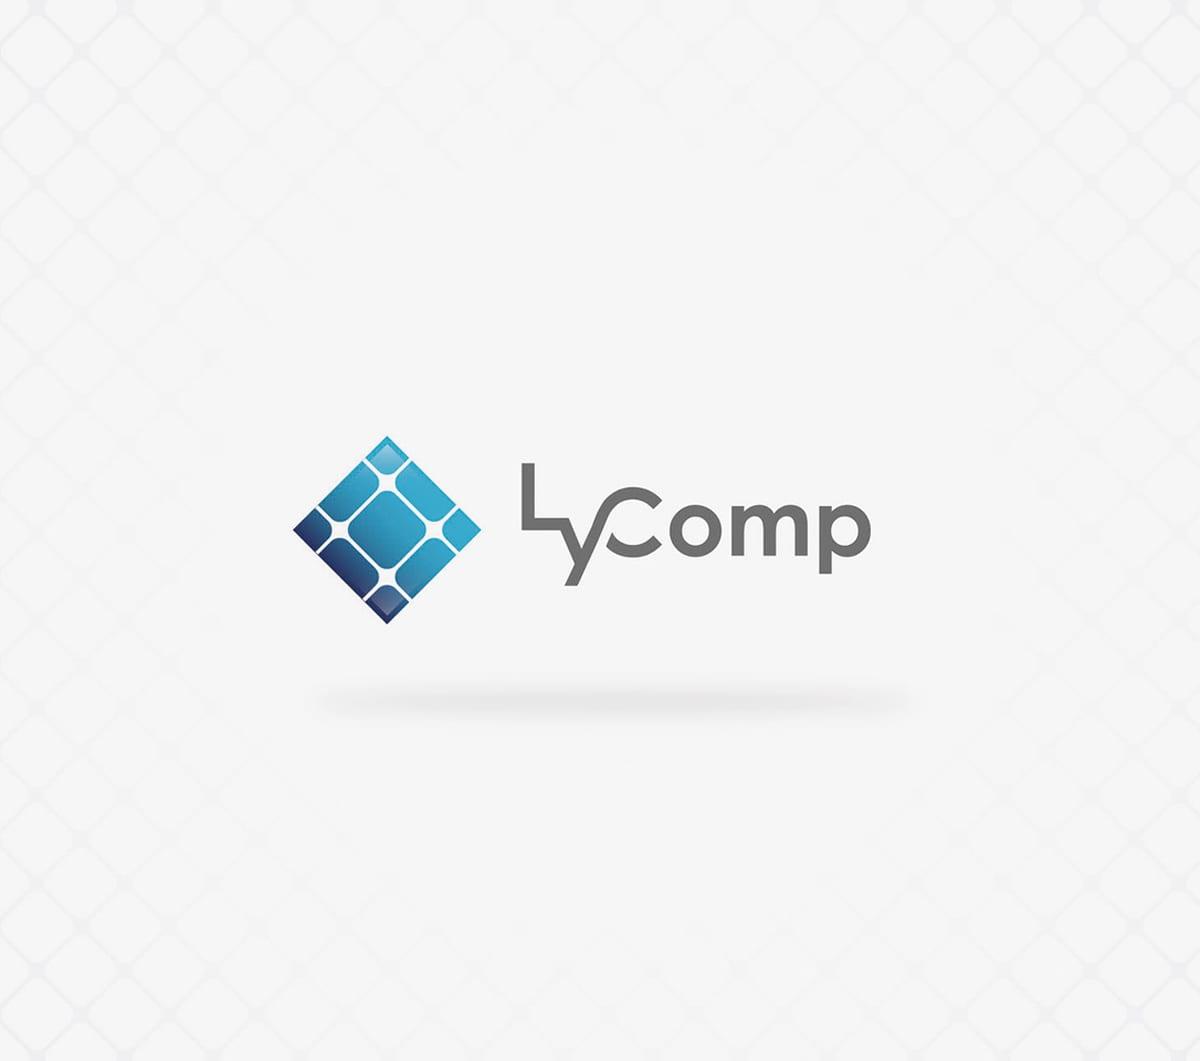 diseño de logotipo e imagen de marca para empresa de energia